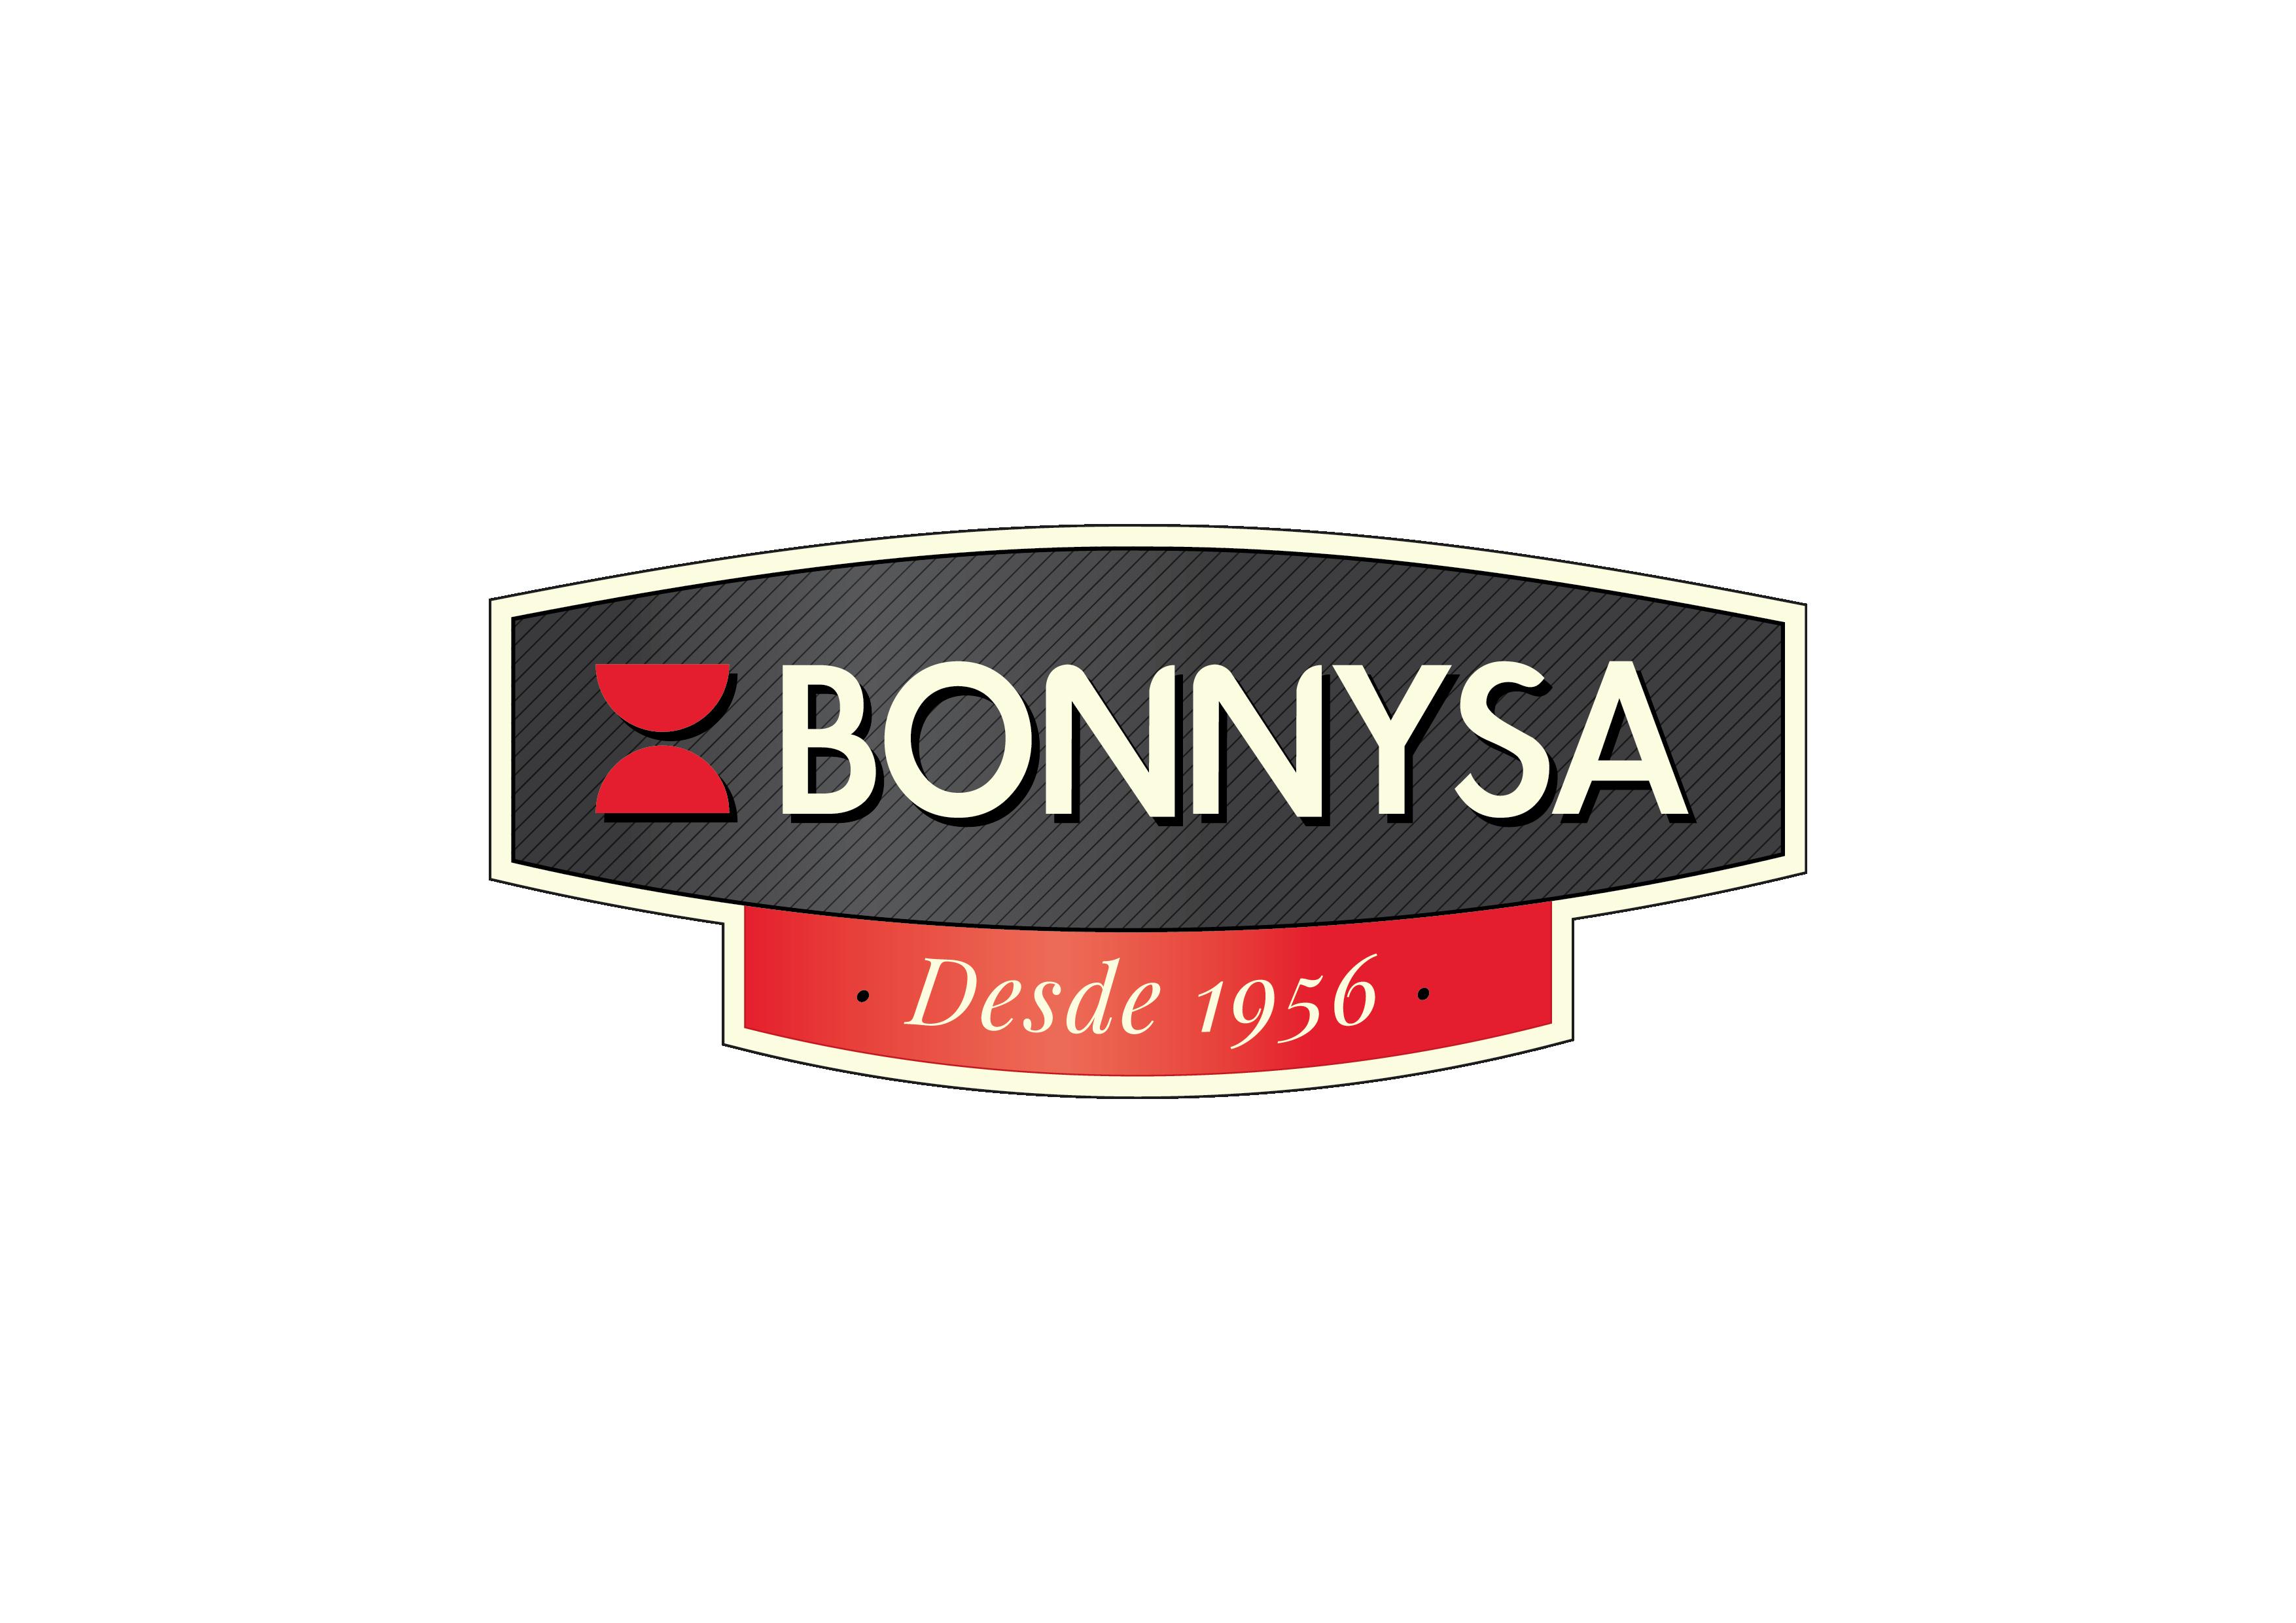 Bonnysa